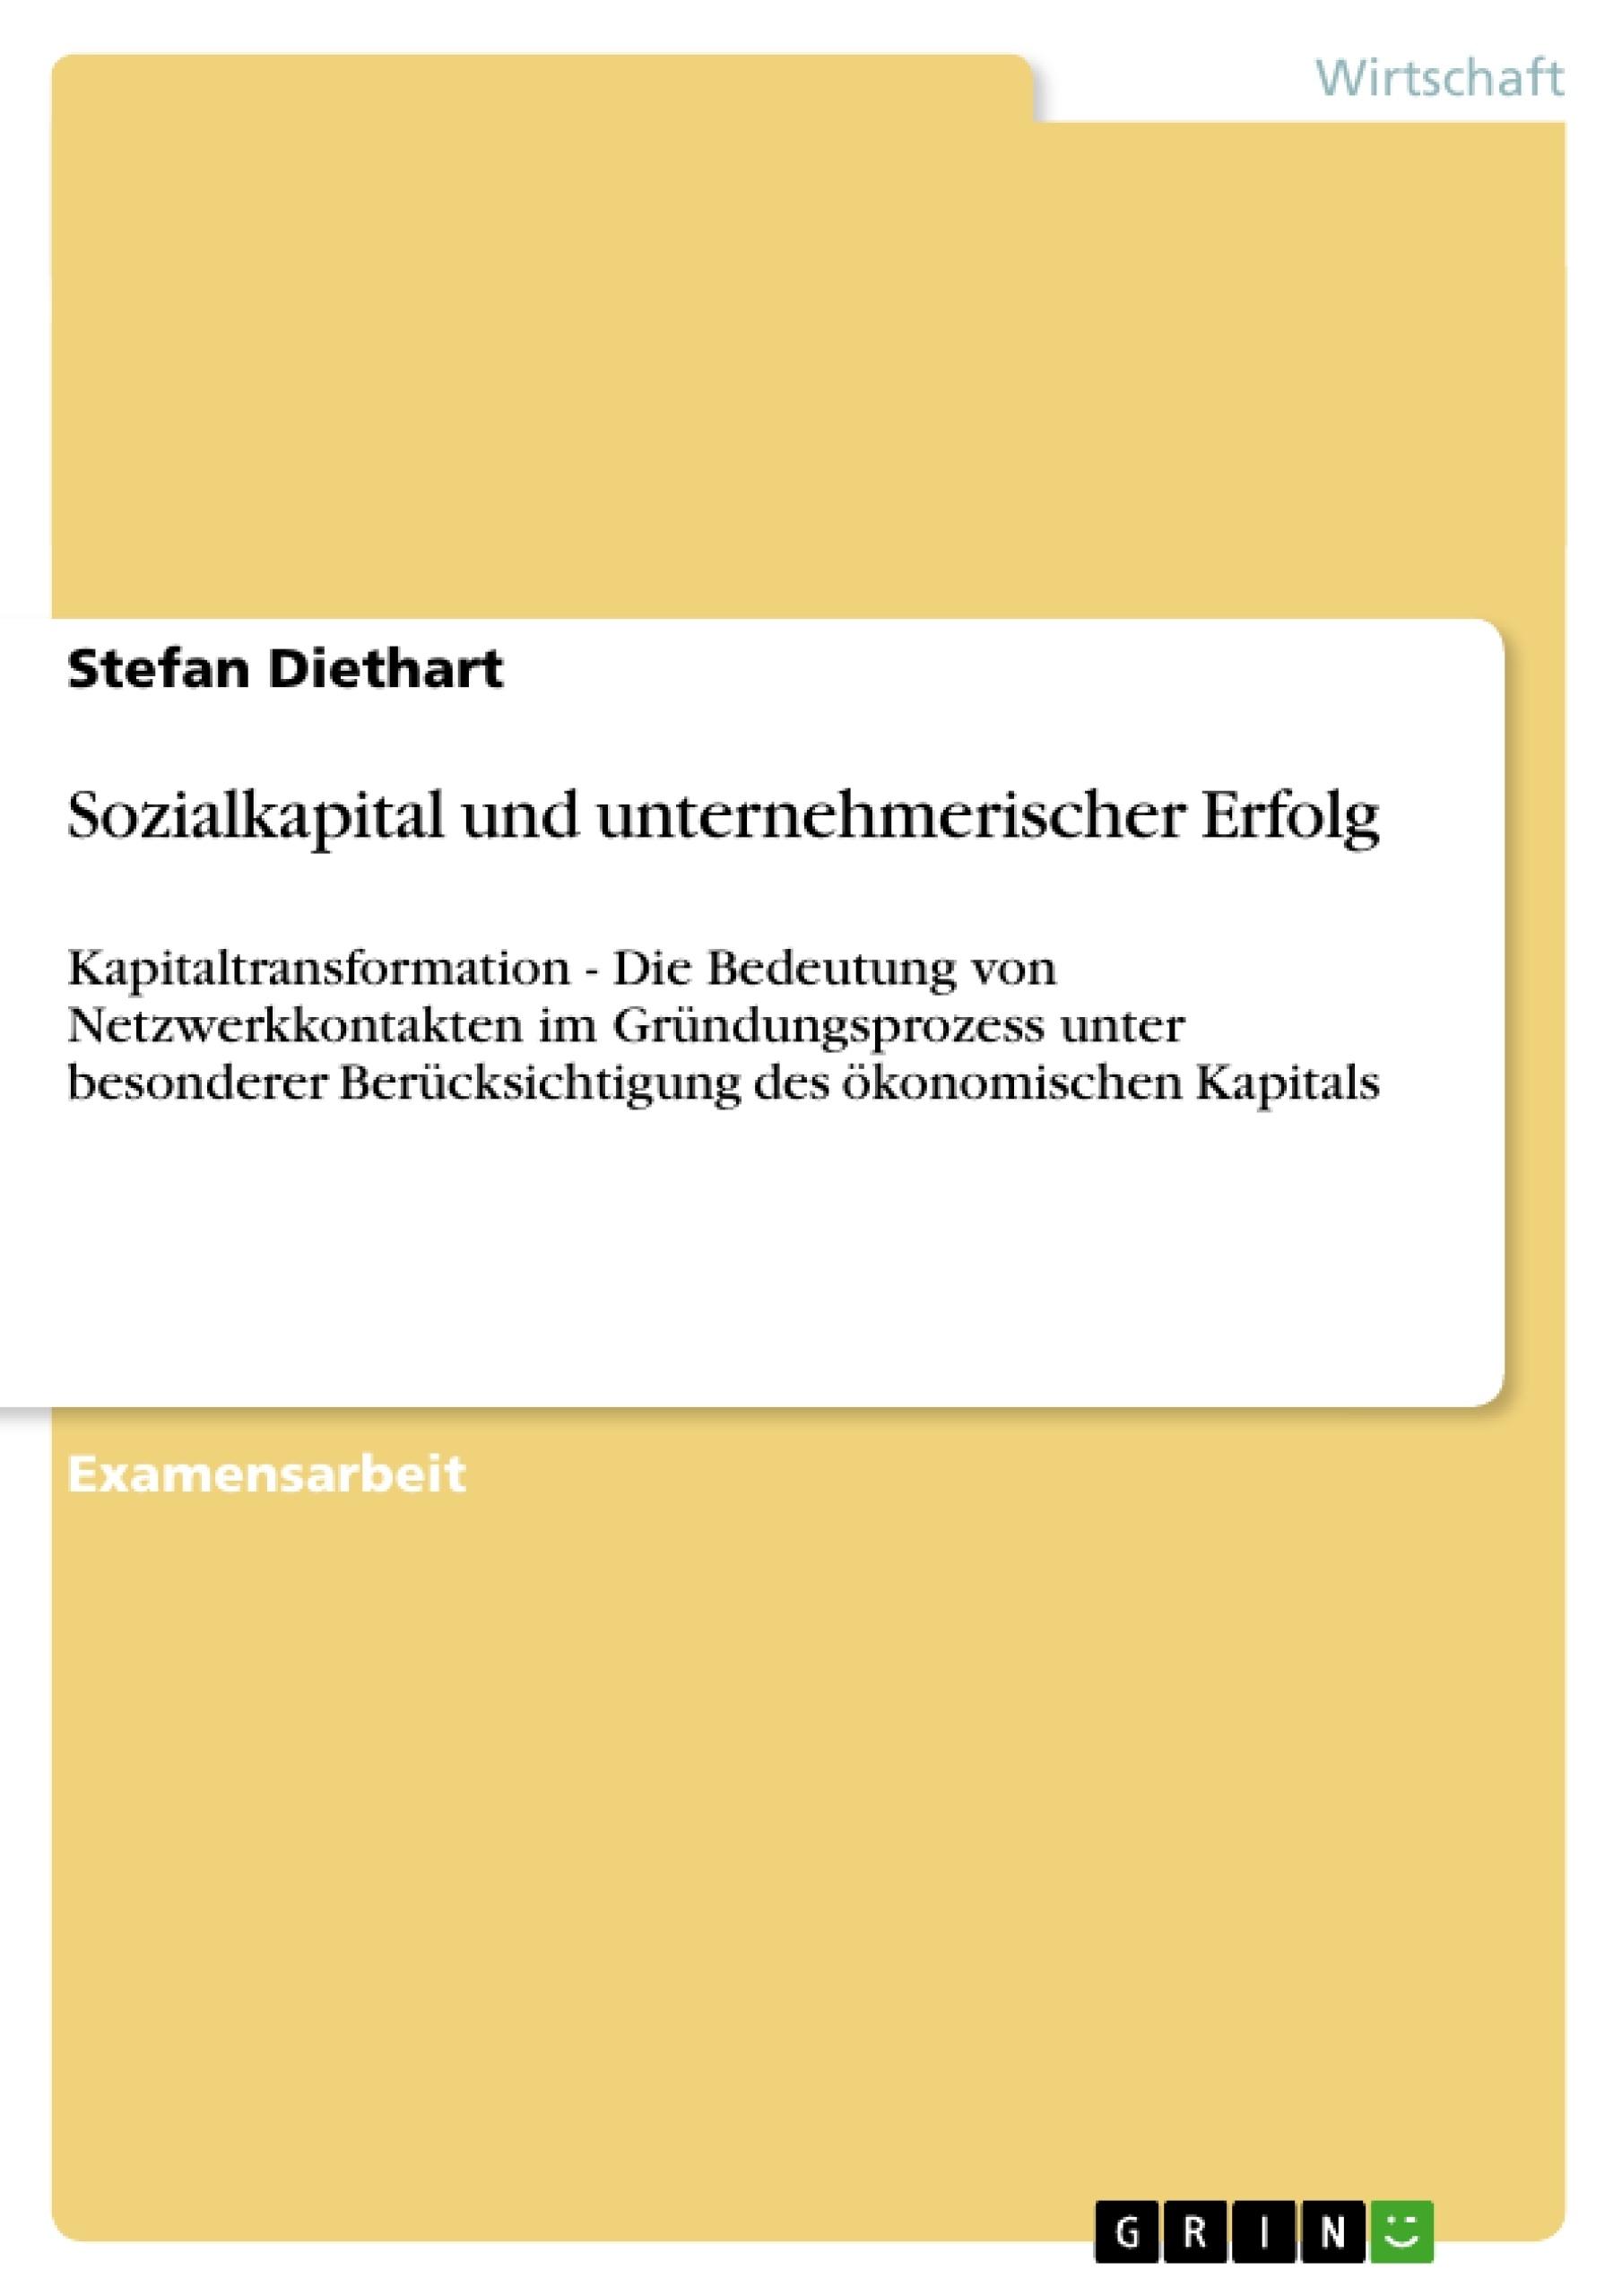 Titel: Sozialkapital und unternehmerischer Erfolg